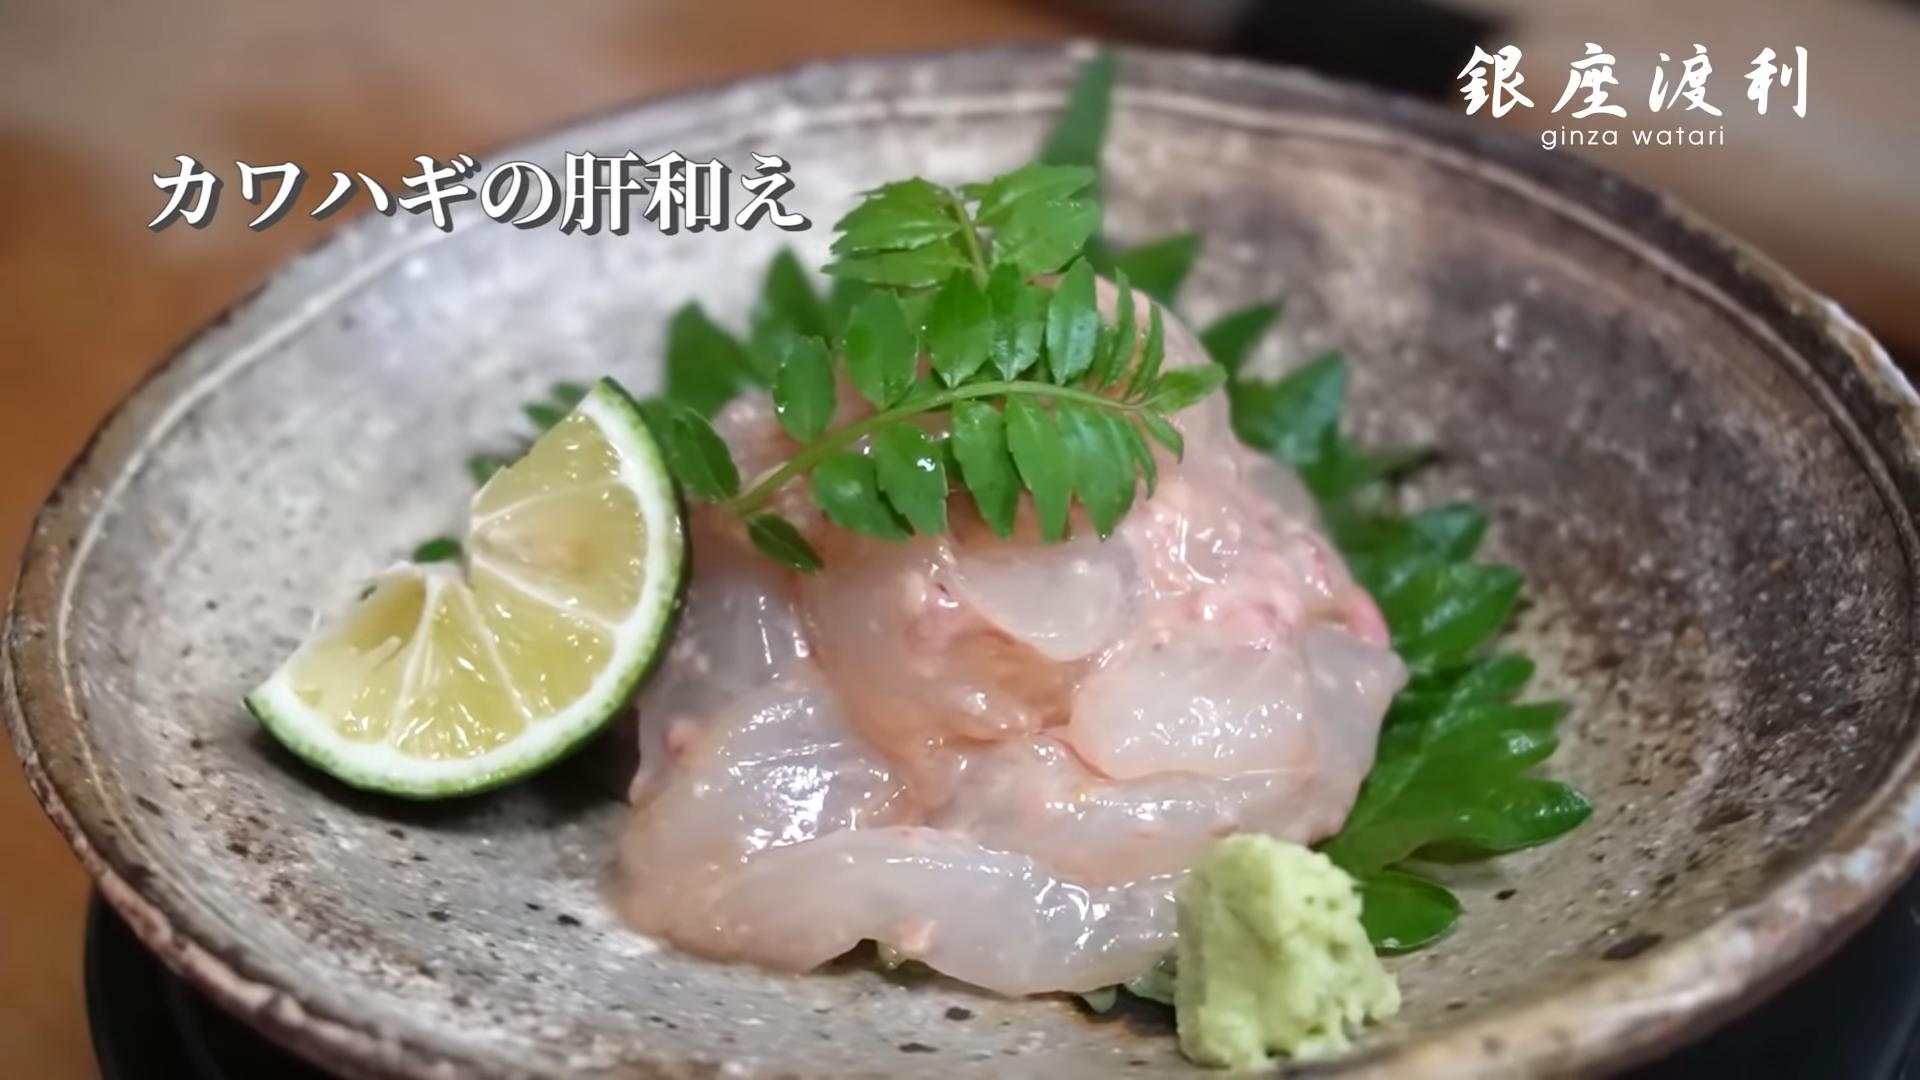 カワハギのさばき方!刺身や煮付け・肝醤油の作り方を一挙紹介